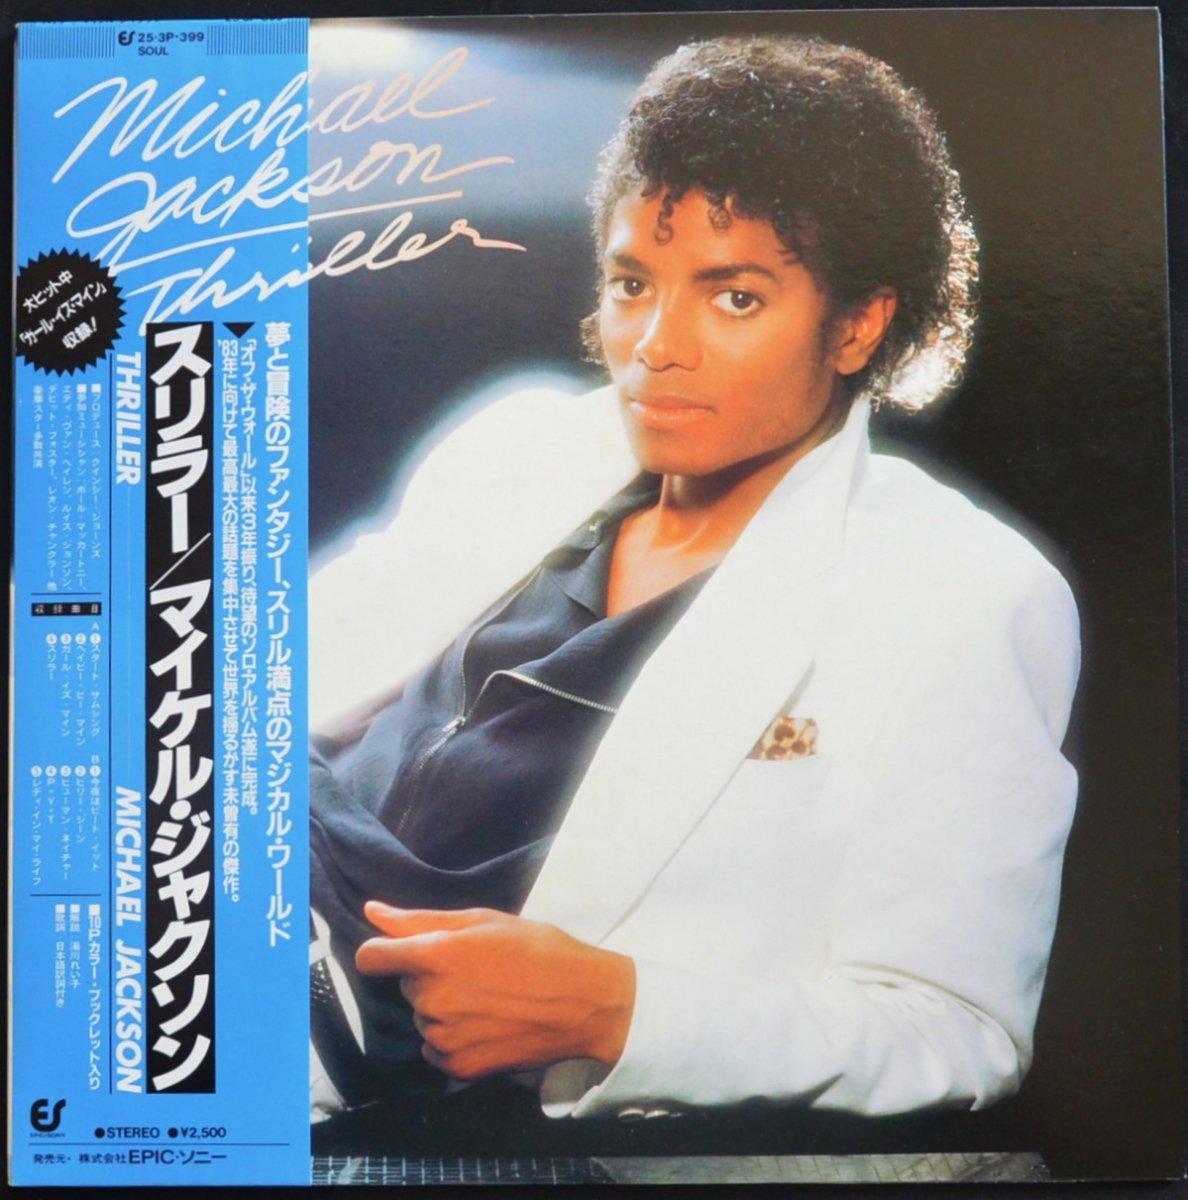 マイケル・ジャクソン MICHAEL JACKSON / スリラー THRILLER (LP)